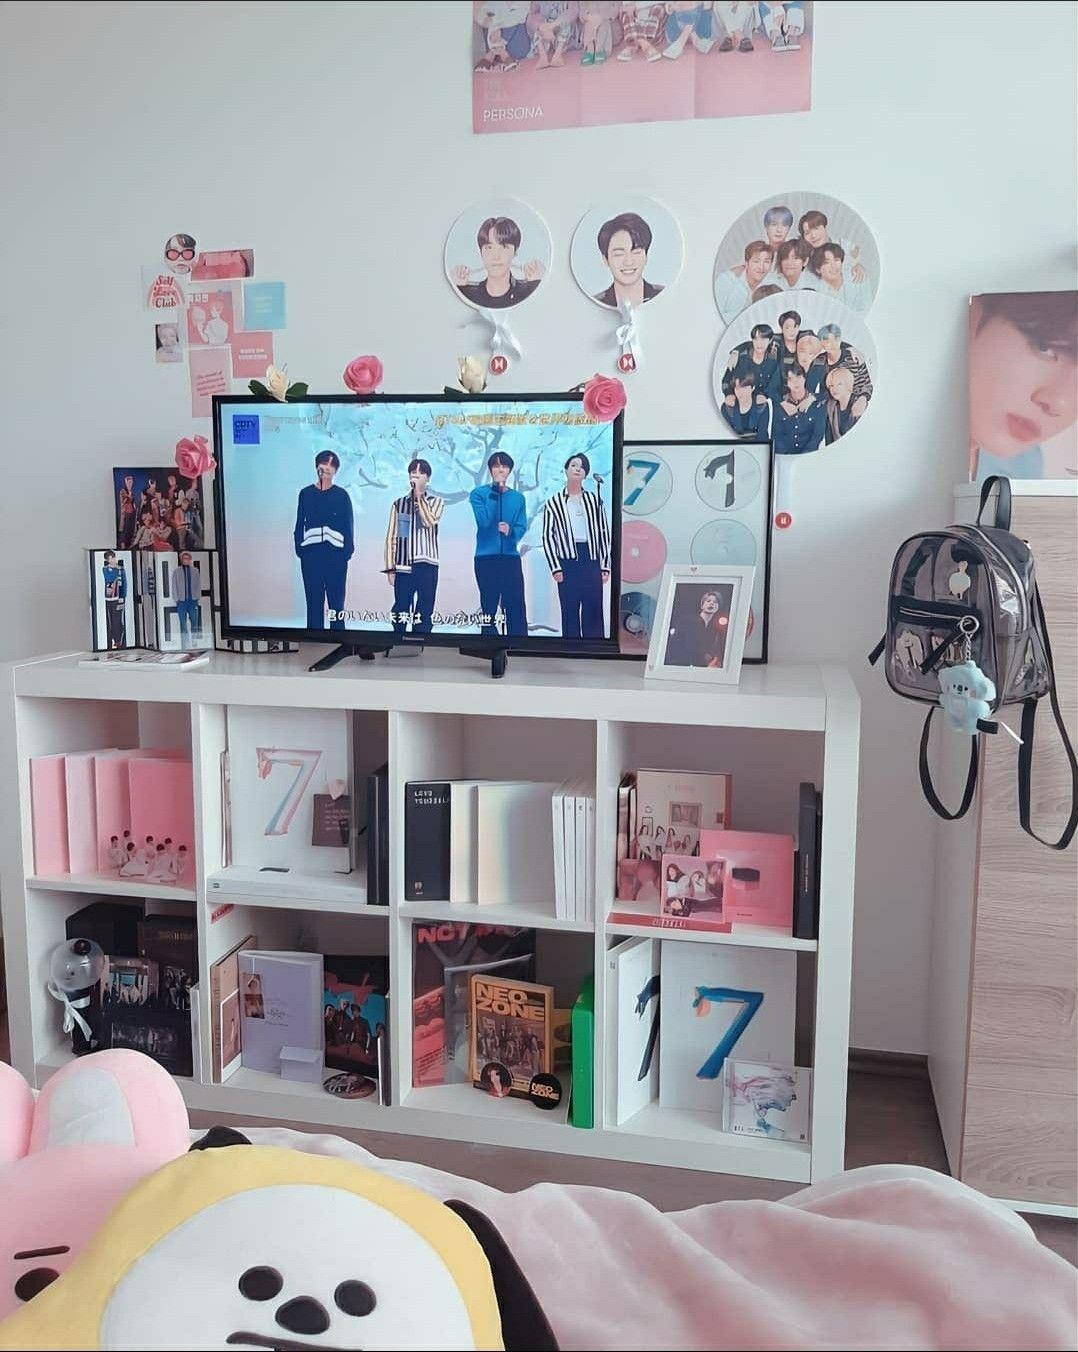 Jungkook On Twitter Army Room Decor Bts Wallpaper Bts